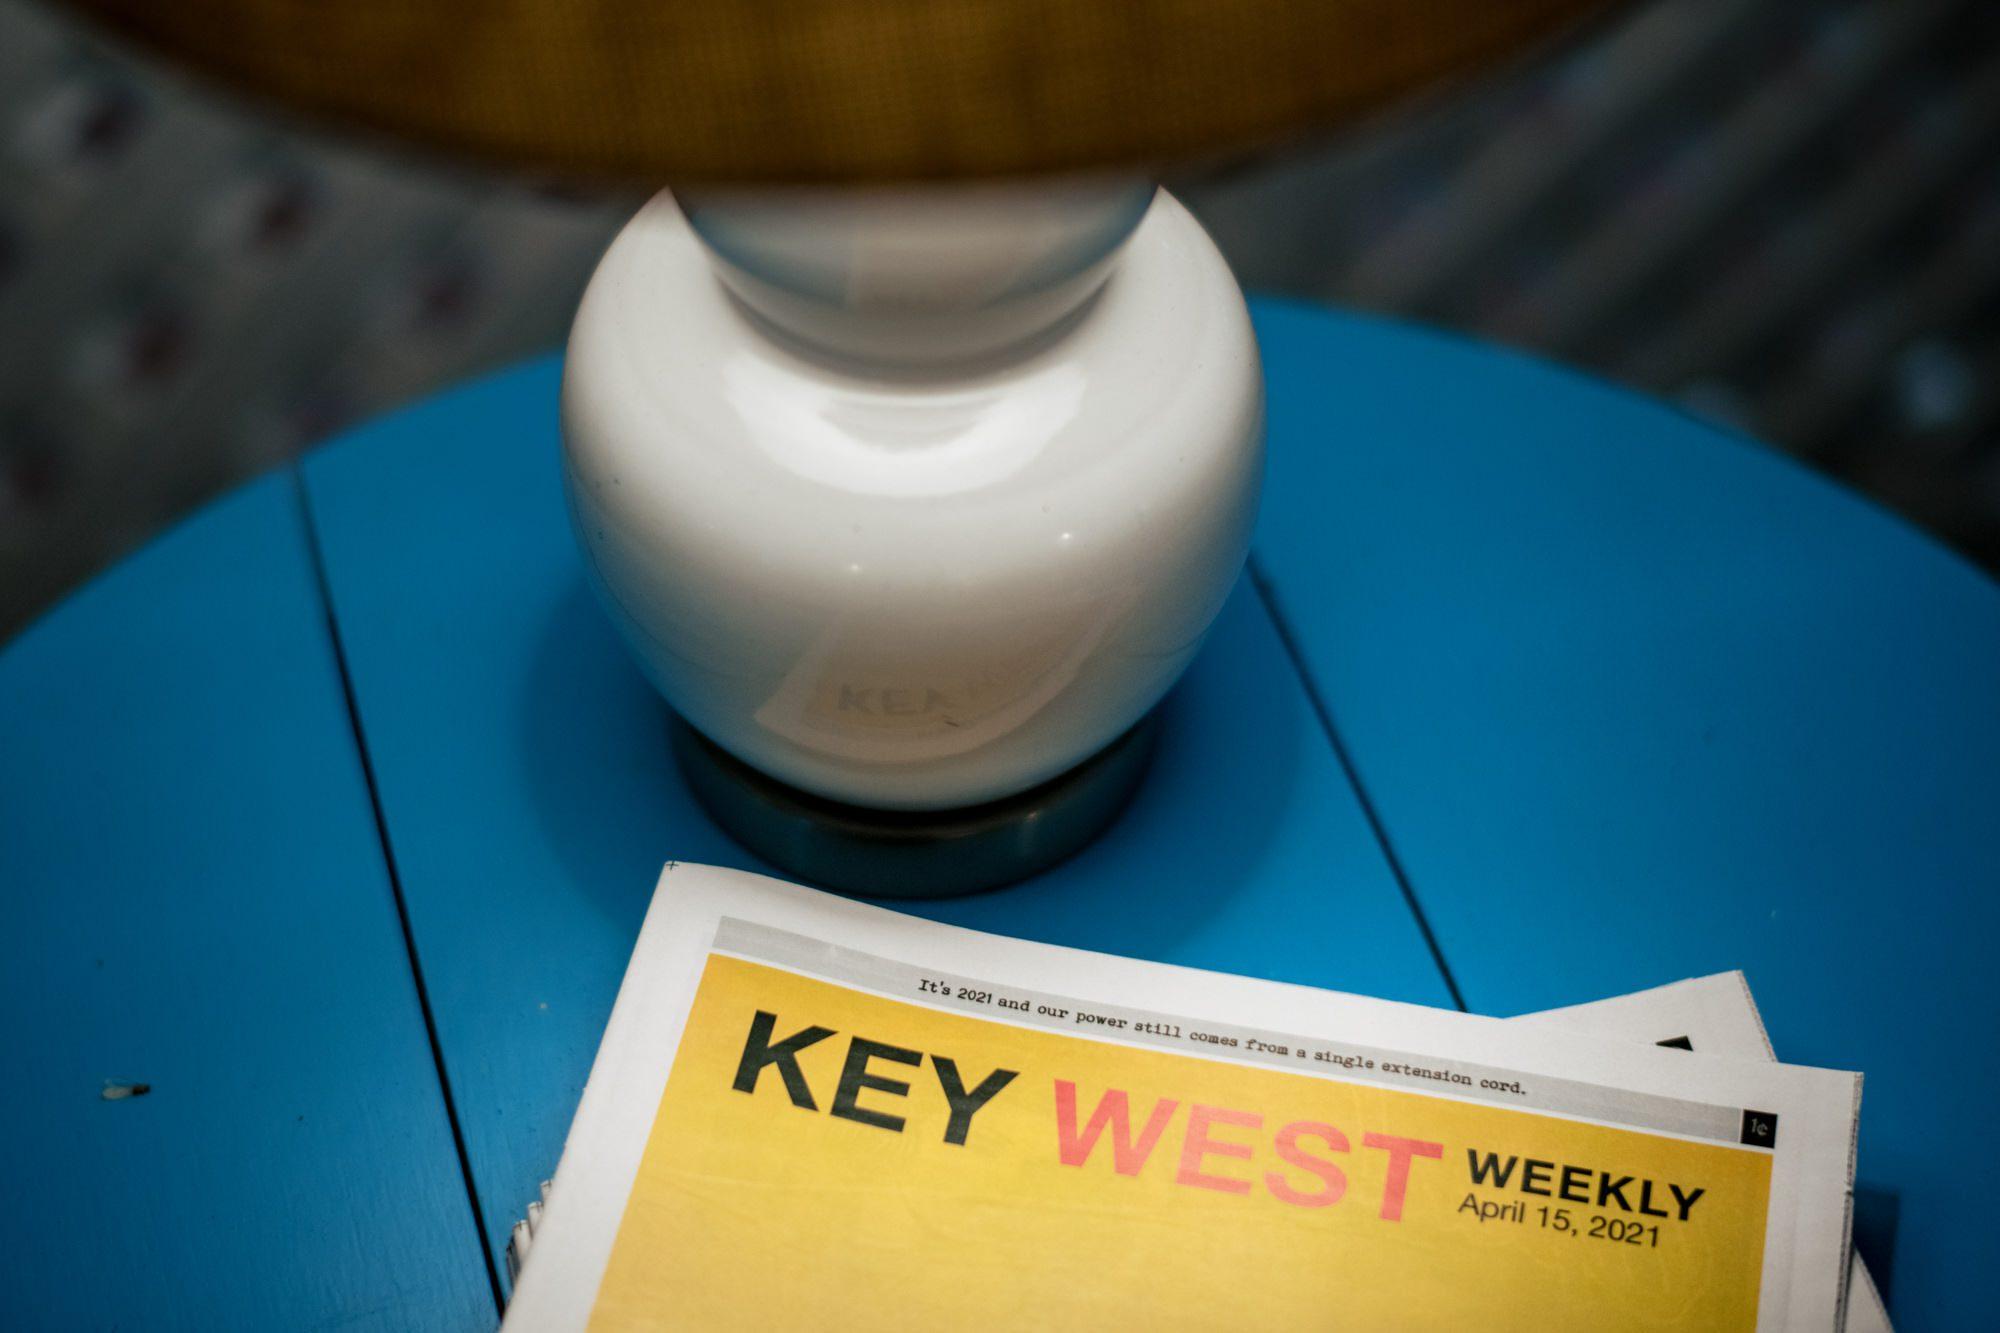 key west weekly paper at ocean key resort on day of wedding